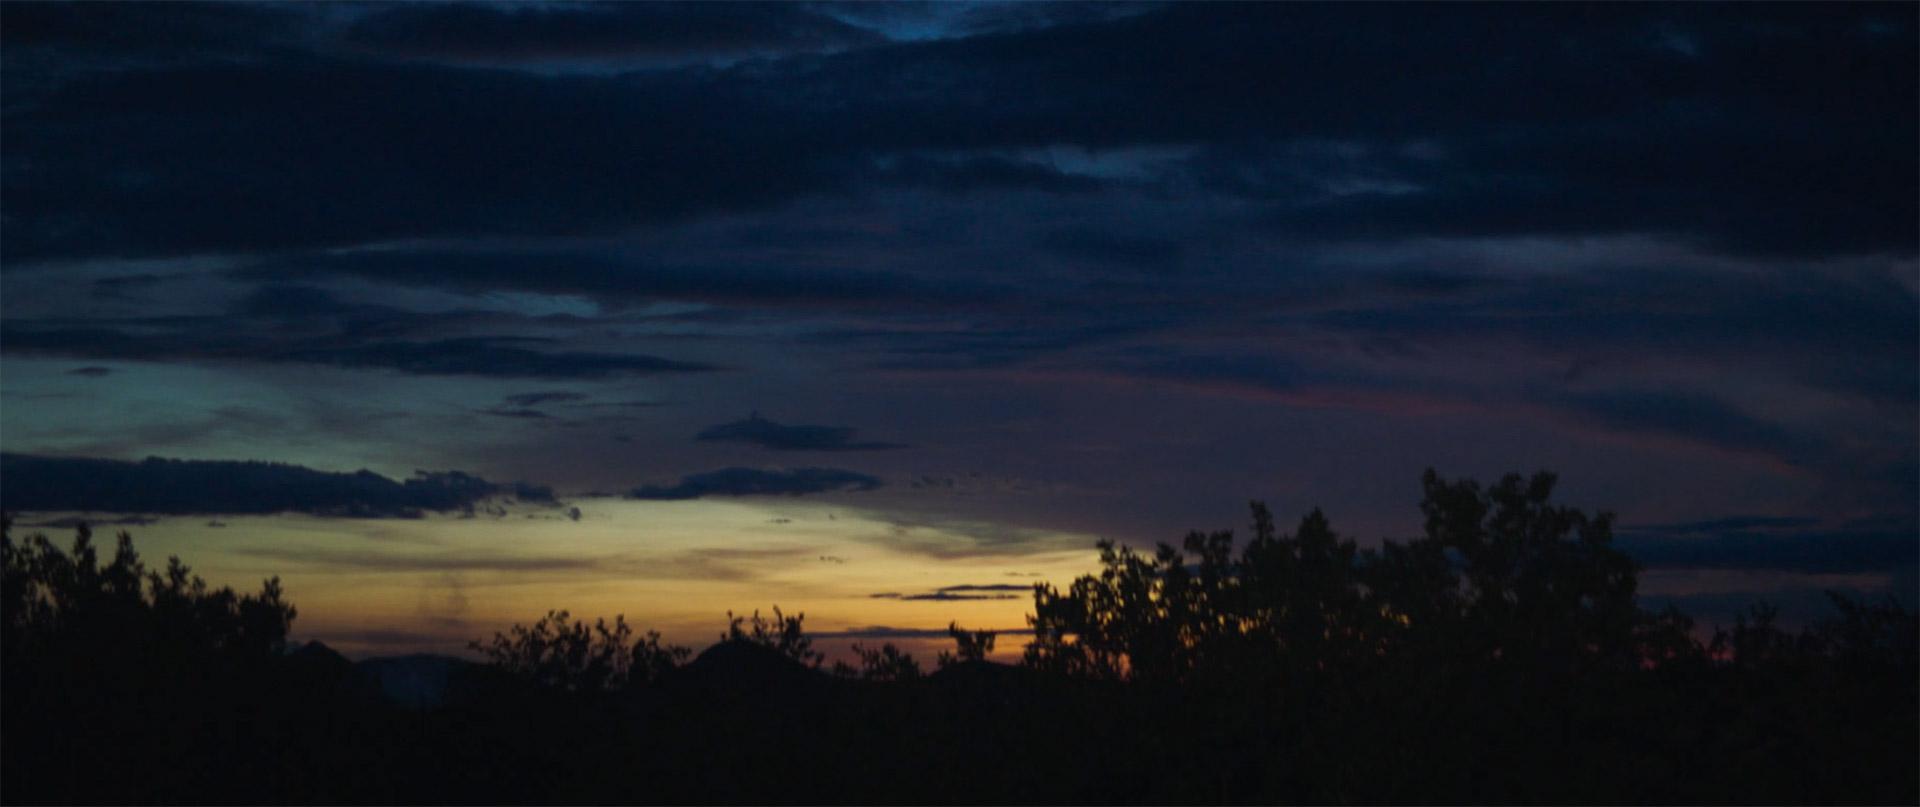 Captura de Tela 2020-08-26 às 18.30.55